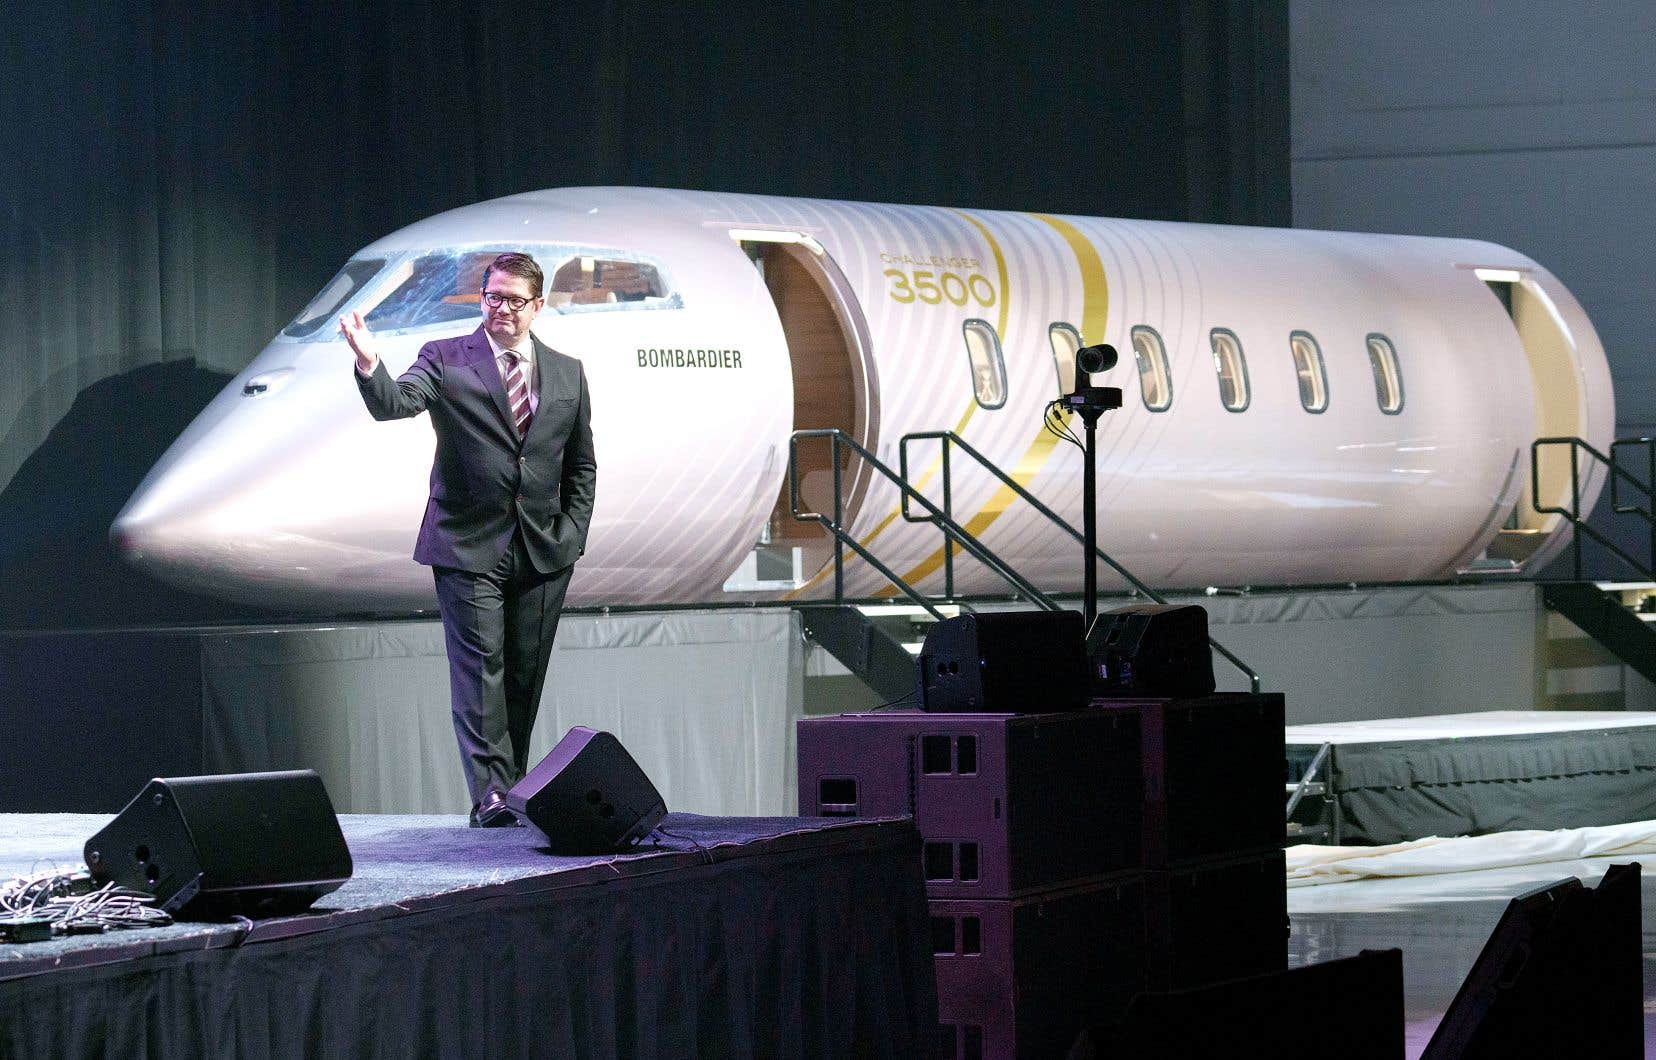 Le président et chef de la direction de Bombardier, Éric Martel, a présenté le nouveau Challenger 3500 mardi. Il s'agit d'une mise à jour de la cabine de Challenger 350, lancé en 2014. Ce nouvel appareil devrait être mis en service en 2022.